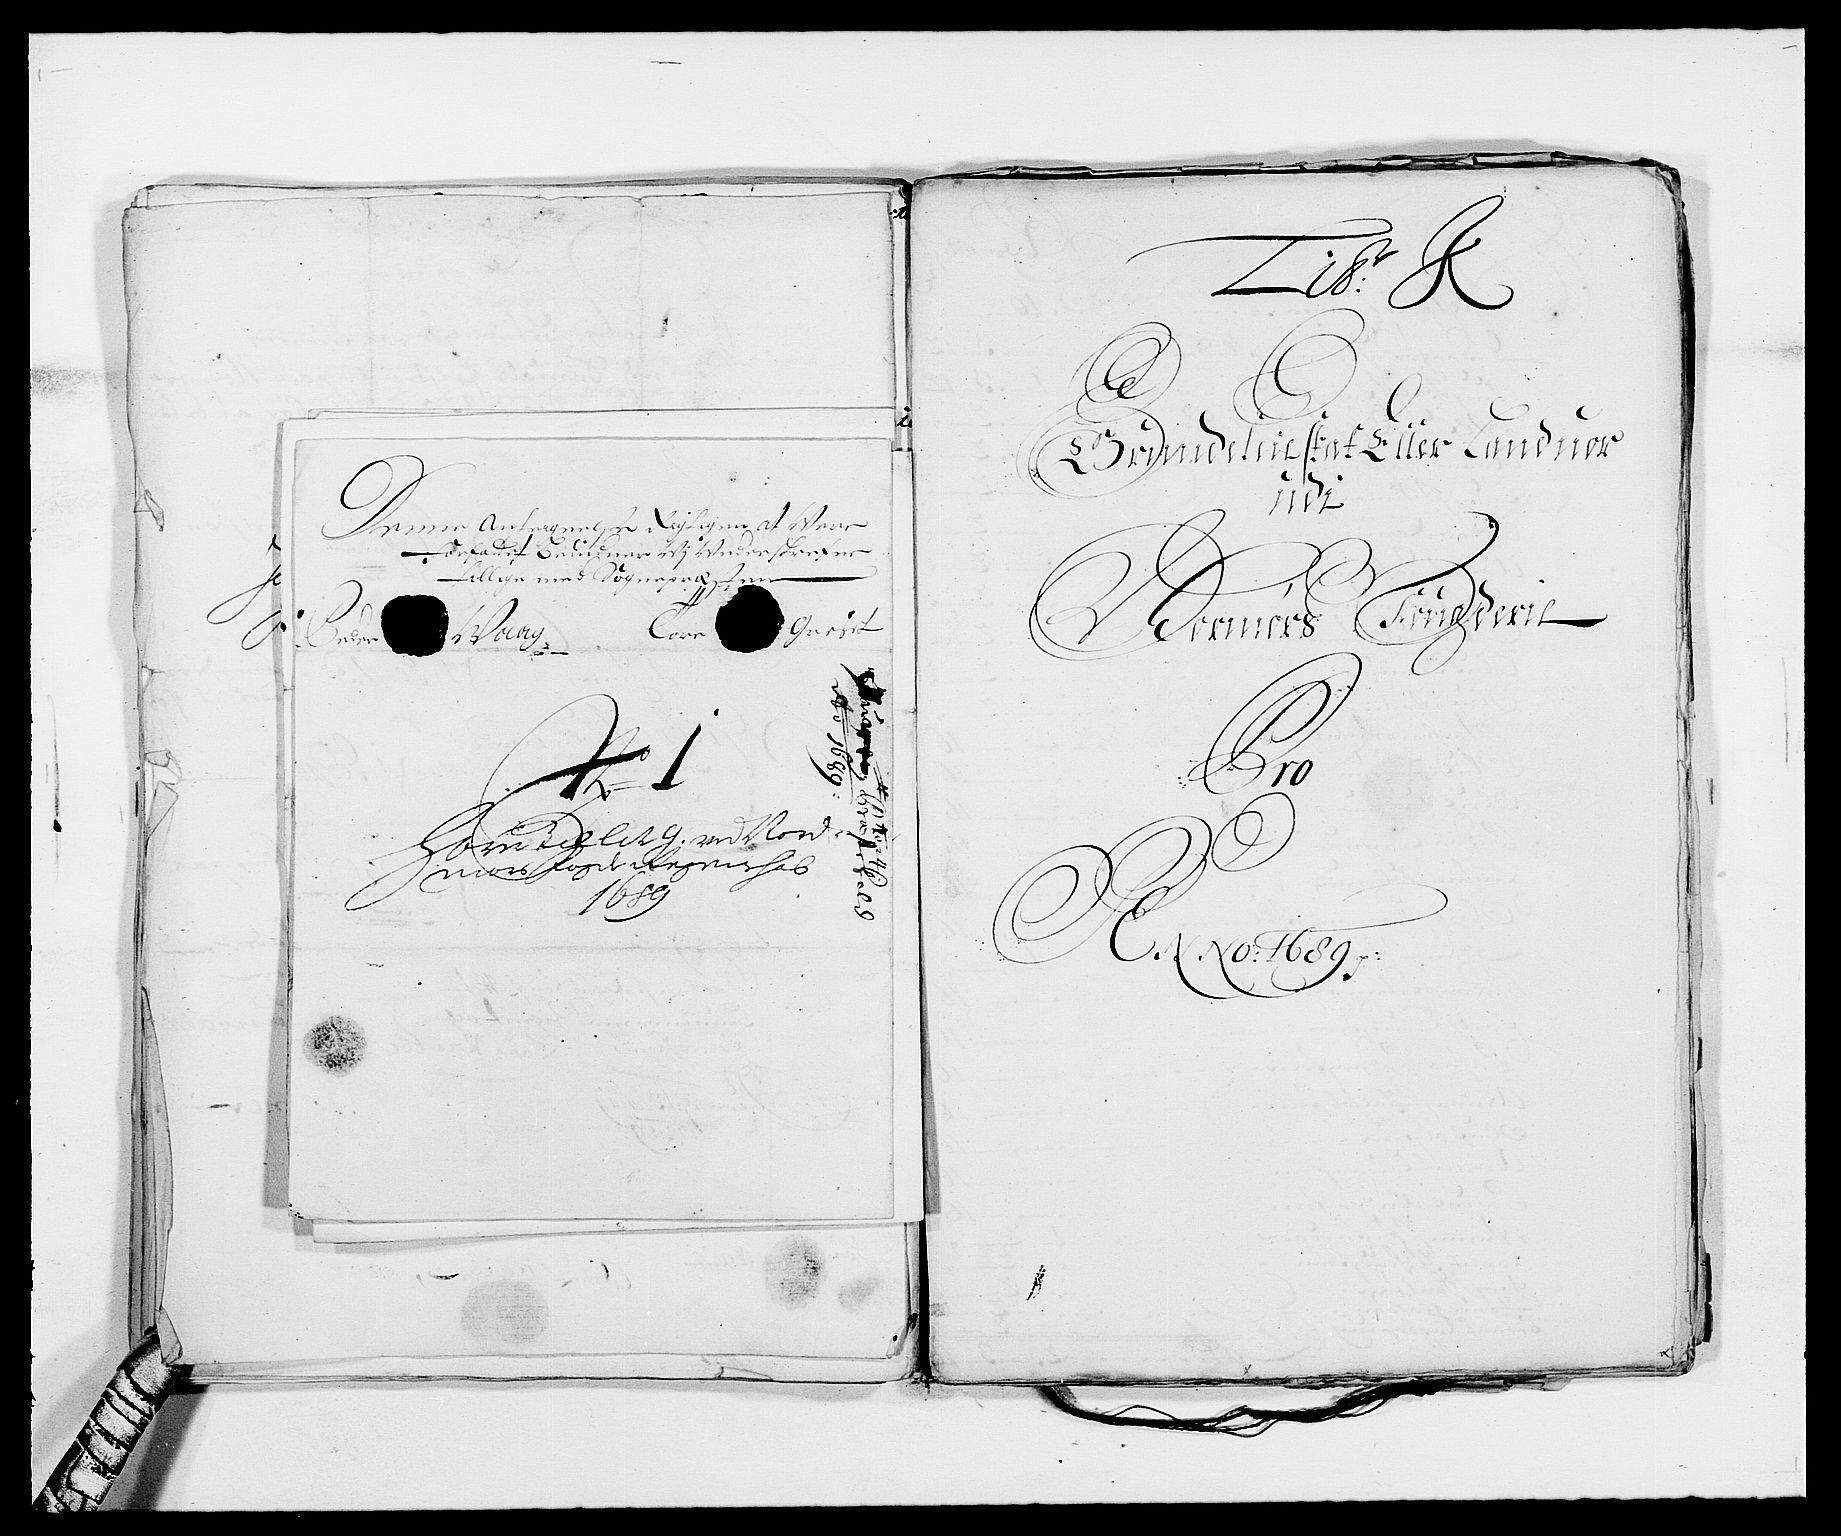 RA, Rentekammeret inntil 1814, Reviderte regnskaper, Fogderegnskap, R56/L3733: Fogderegnskap Nordmøre, 1687-1689, s. 433